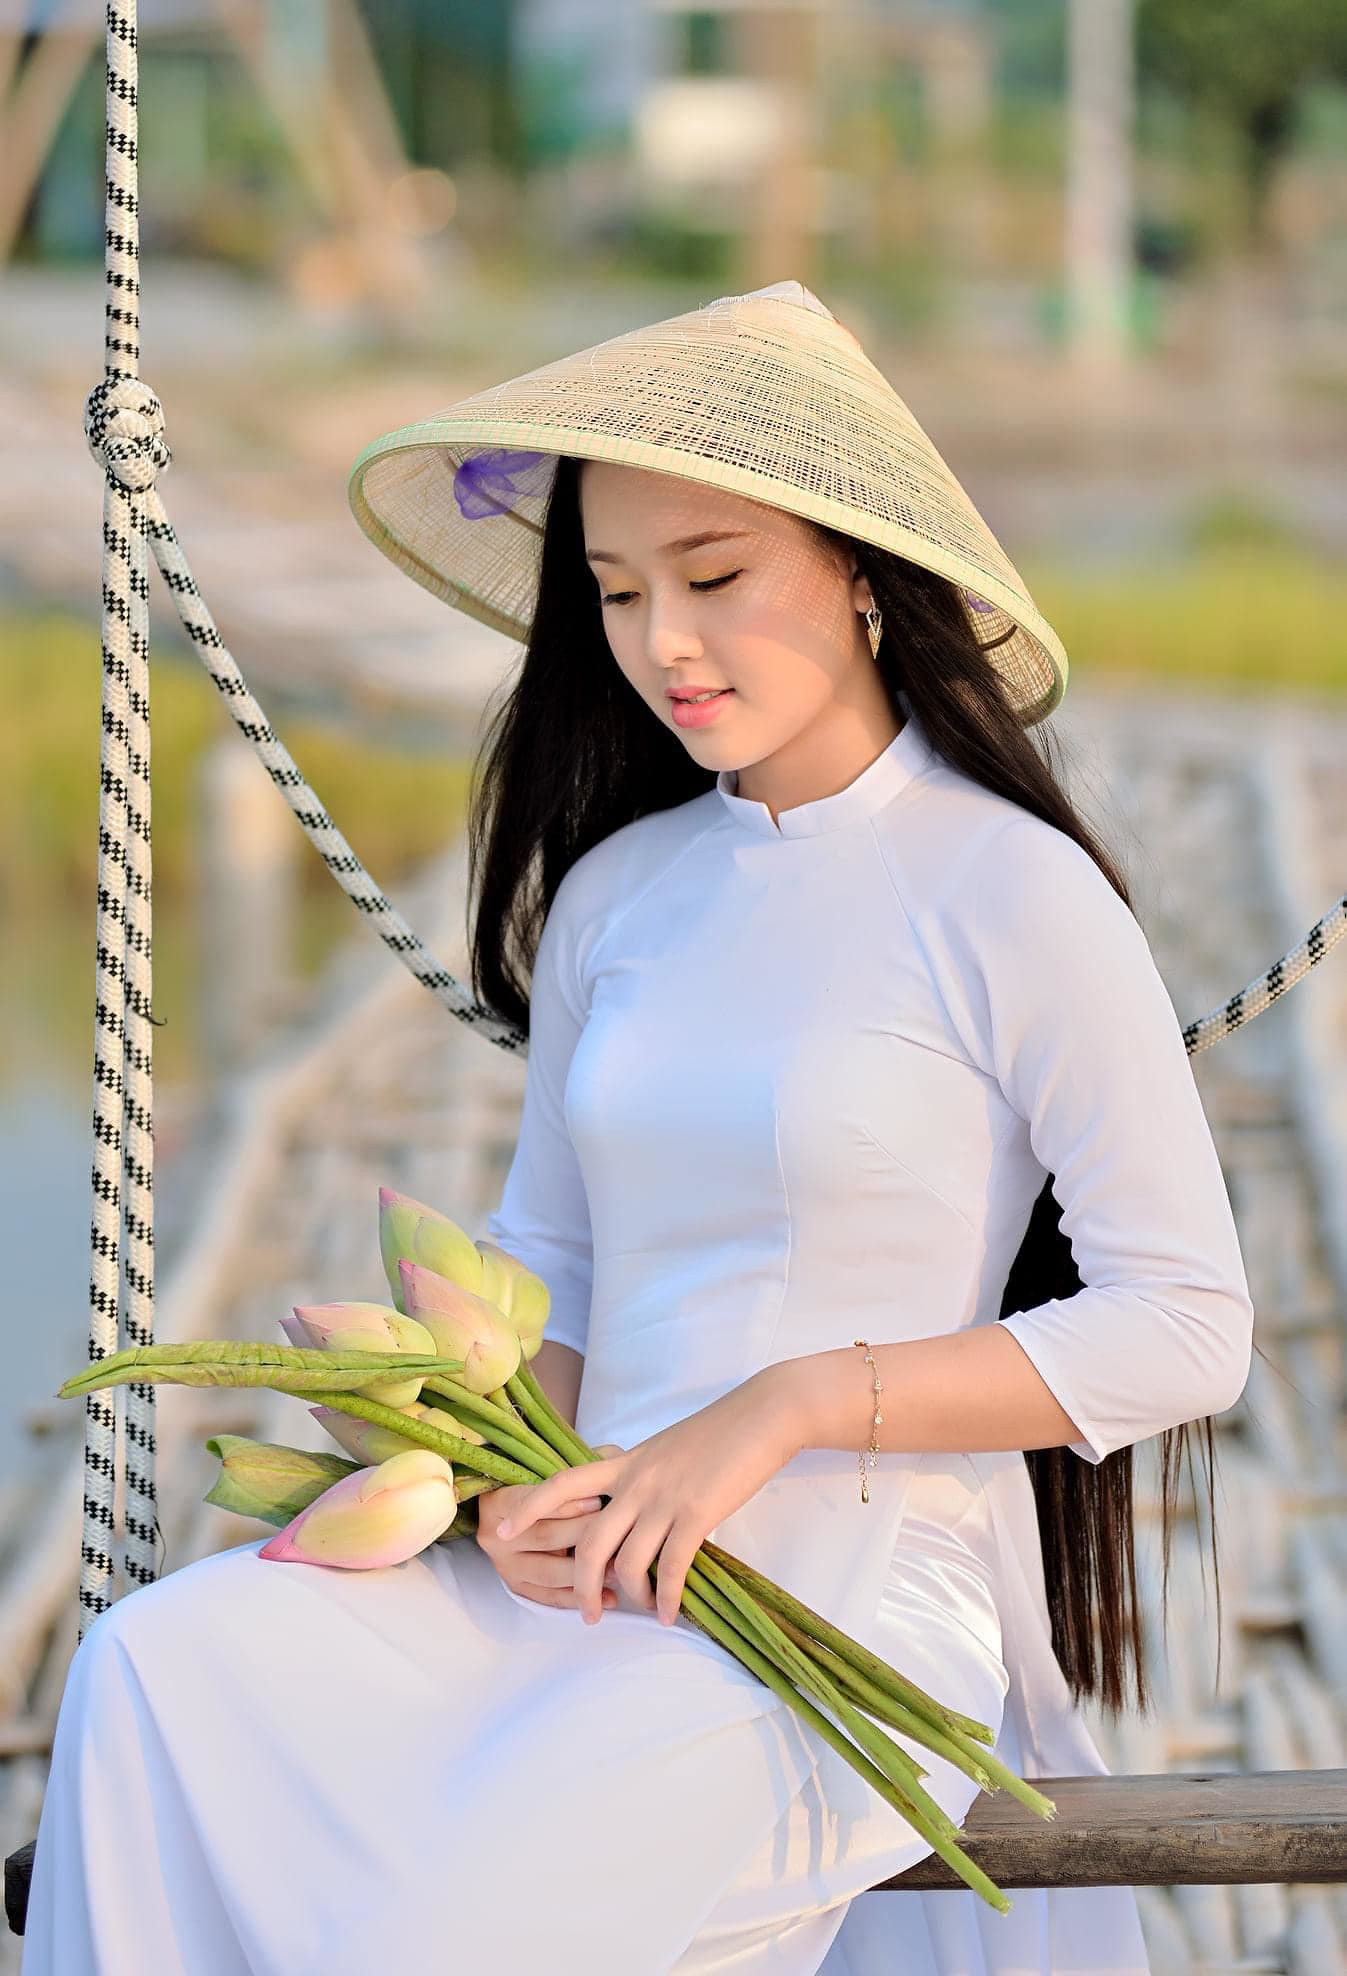 Tuyển tập girl xinh gái đẹp Việt Nam mặc áo dài đẹp mê hồn #57 - 22